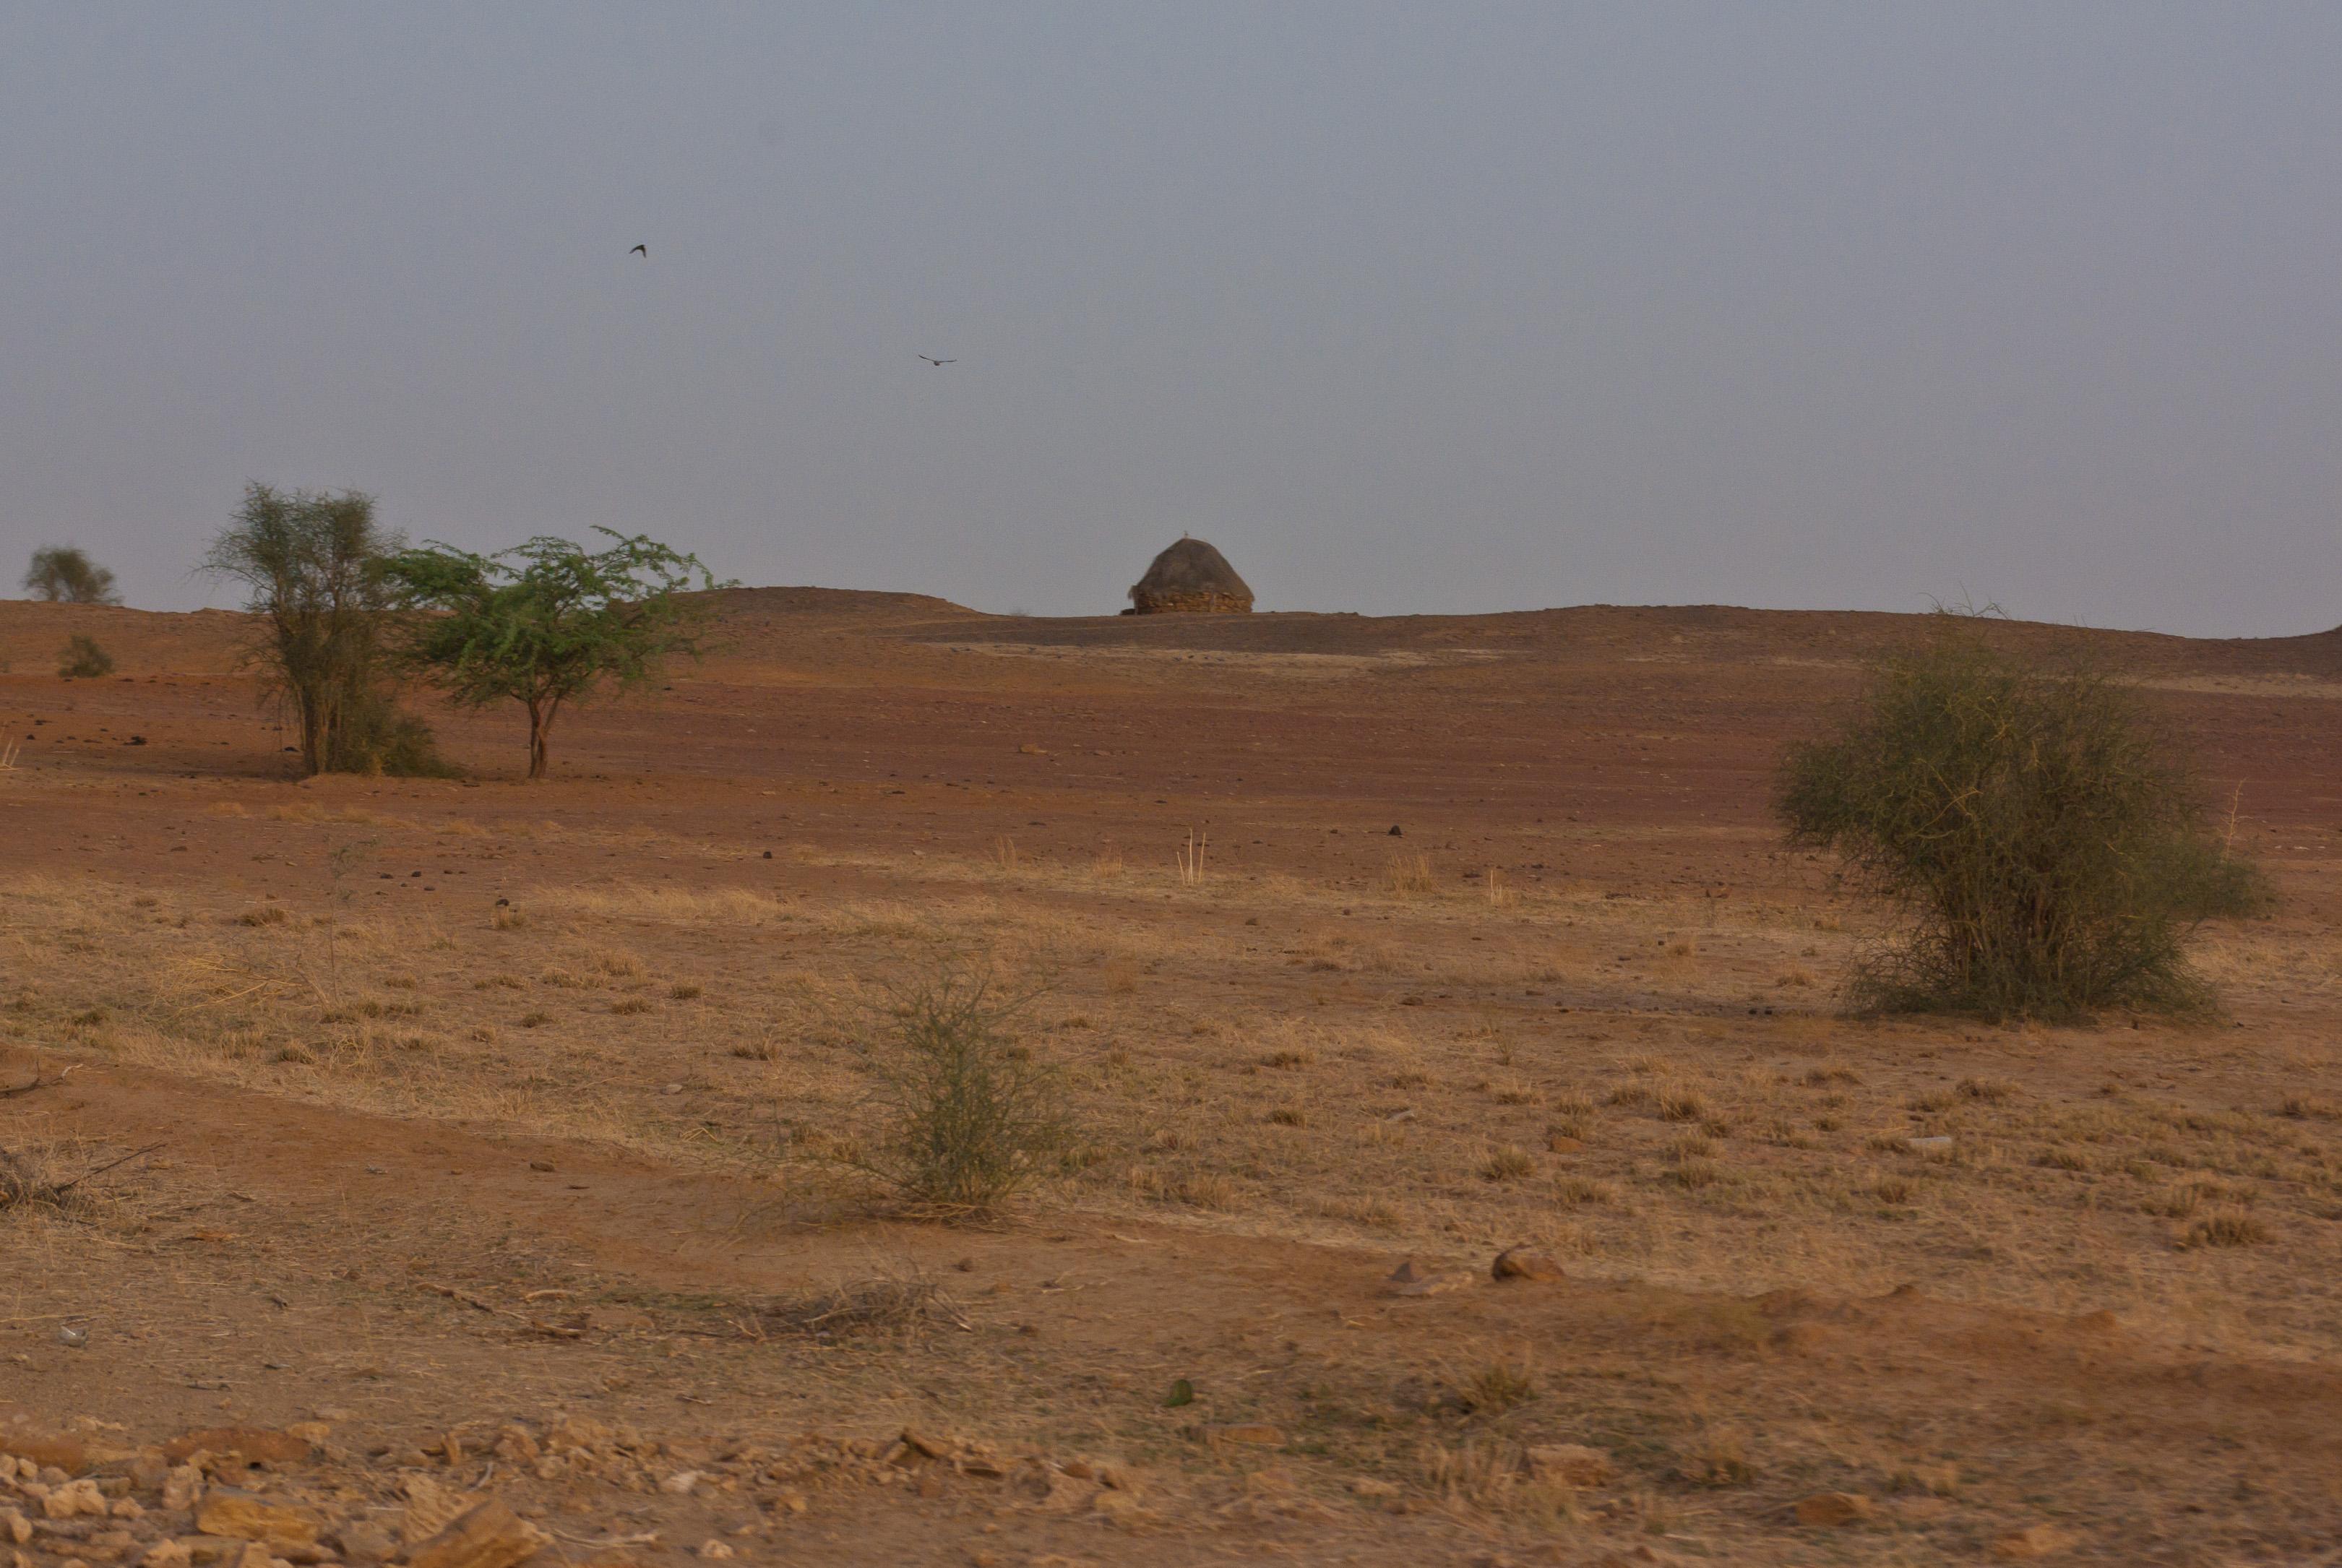 File:Thar Desert 02.jpg - Wikimedia Commons